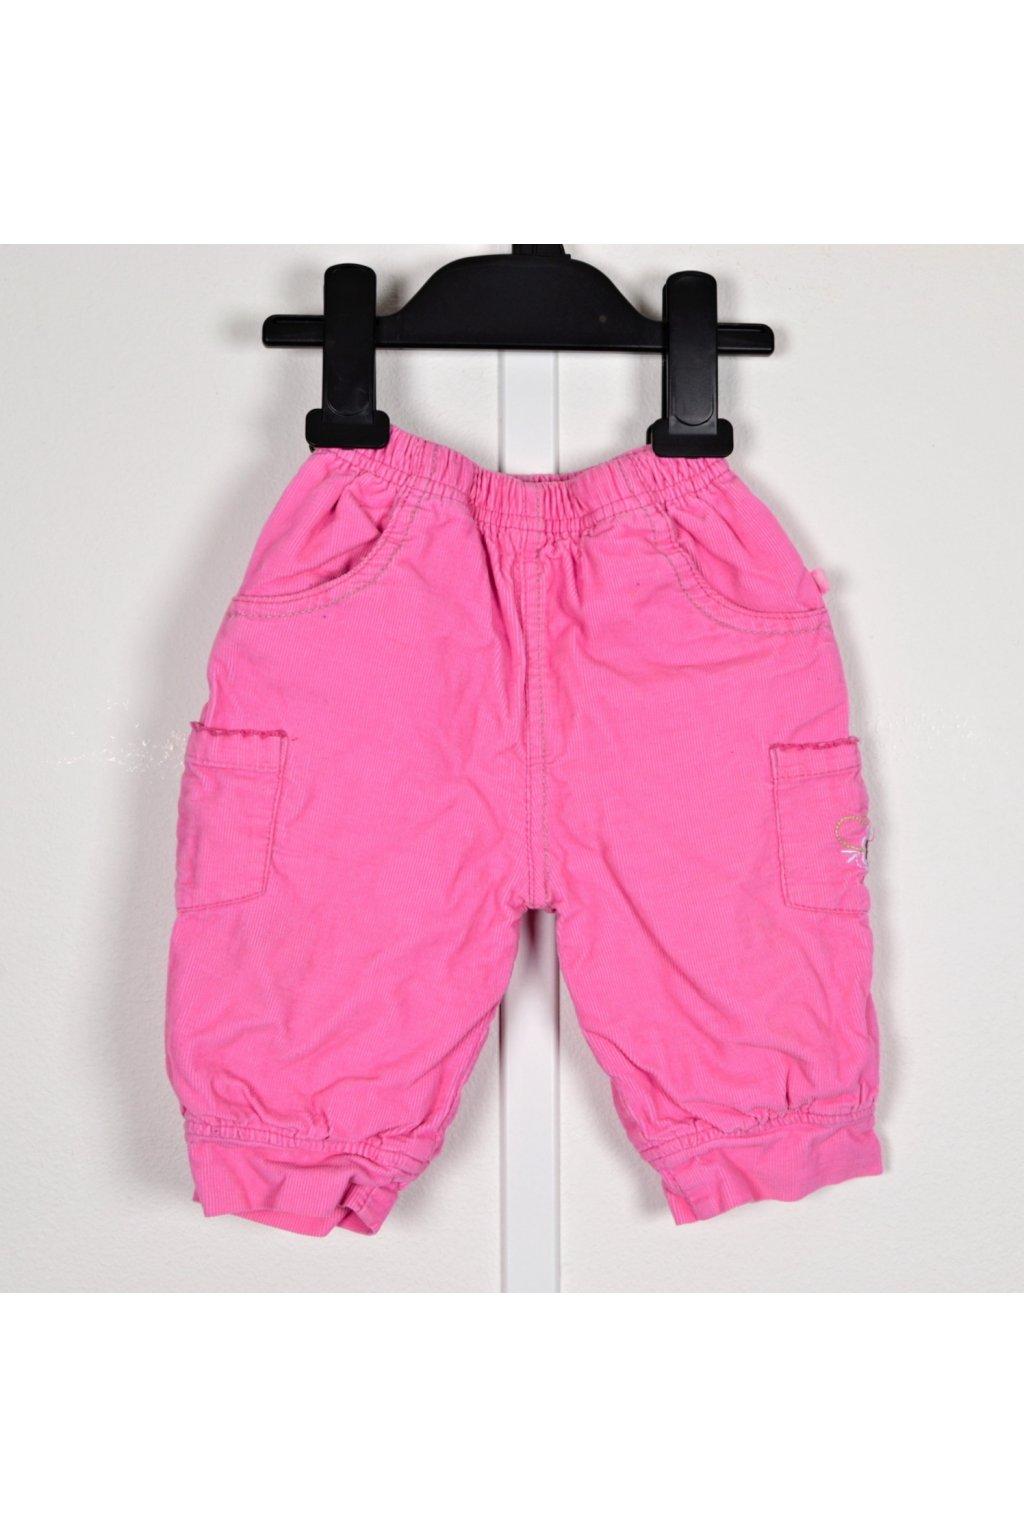 kalhoty manšestrové Okay 68 s podšívkou růžové